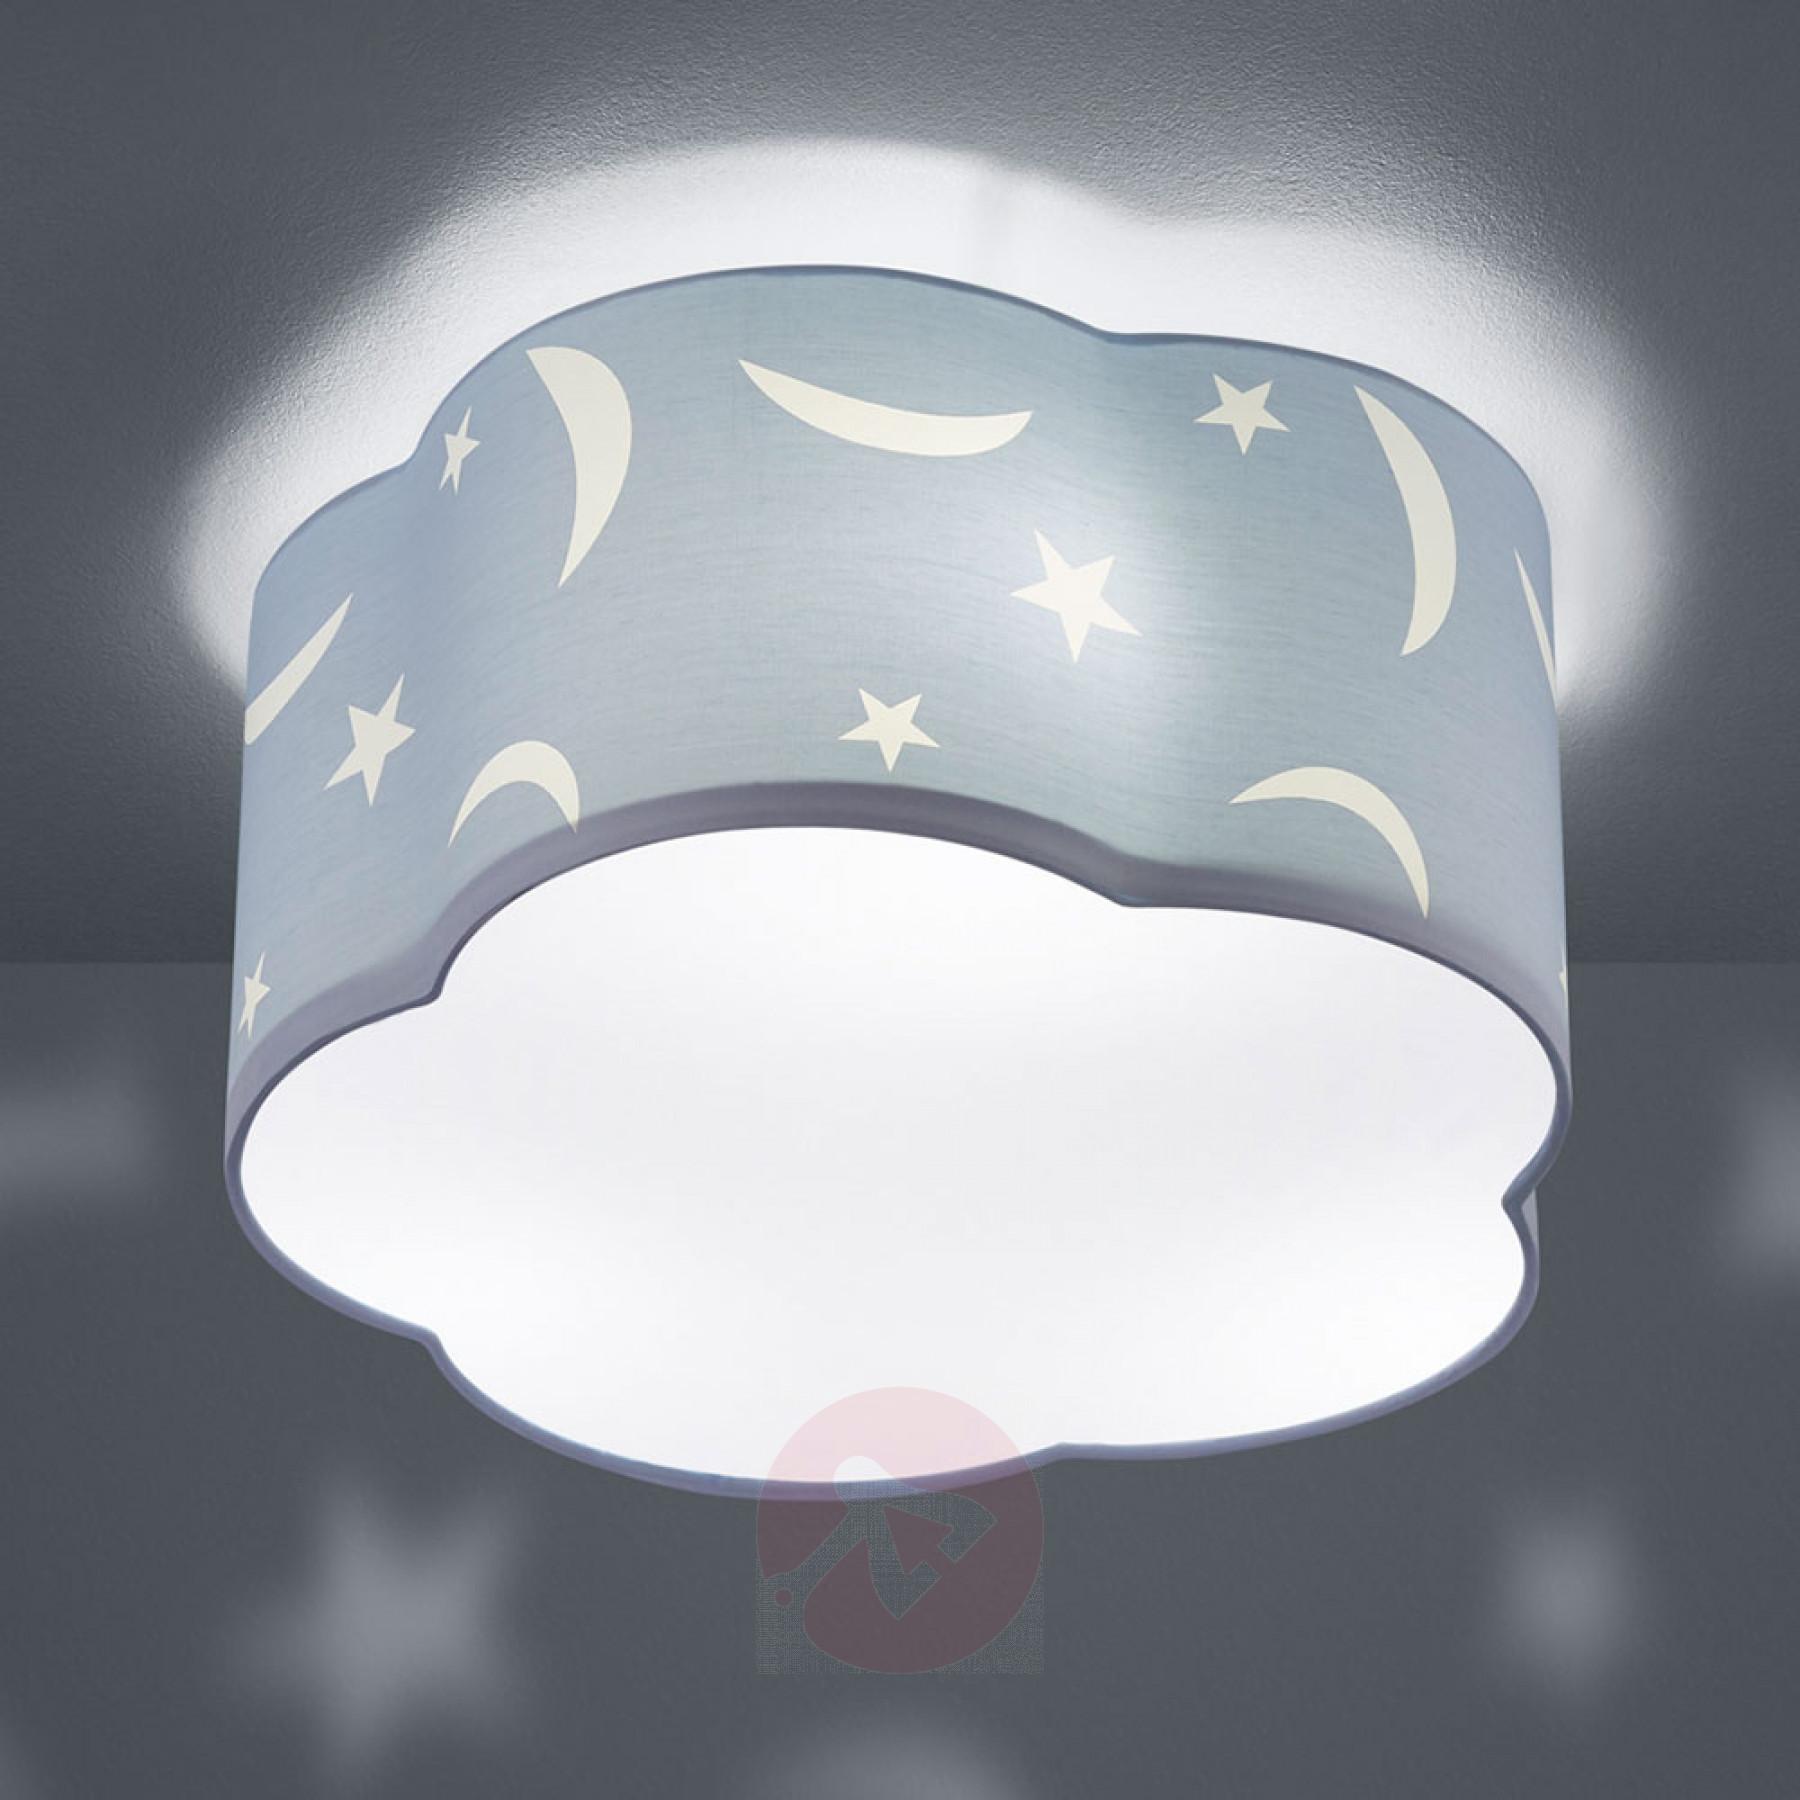 Full Size of Deckenlampen Kinderzimmer Deckenlampe Moony Fr Kaufen Lampenweltde Regal Regale Wohnzimmer Weiß Modern Für Sofa Kinderzimmer Deckenlampen Kinderzimmer